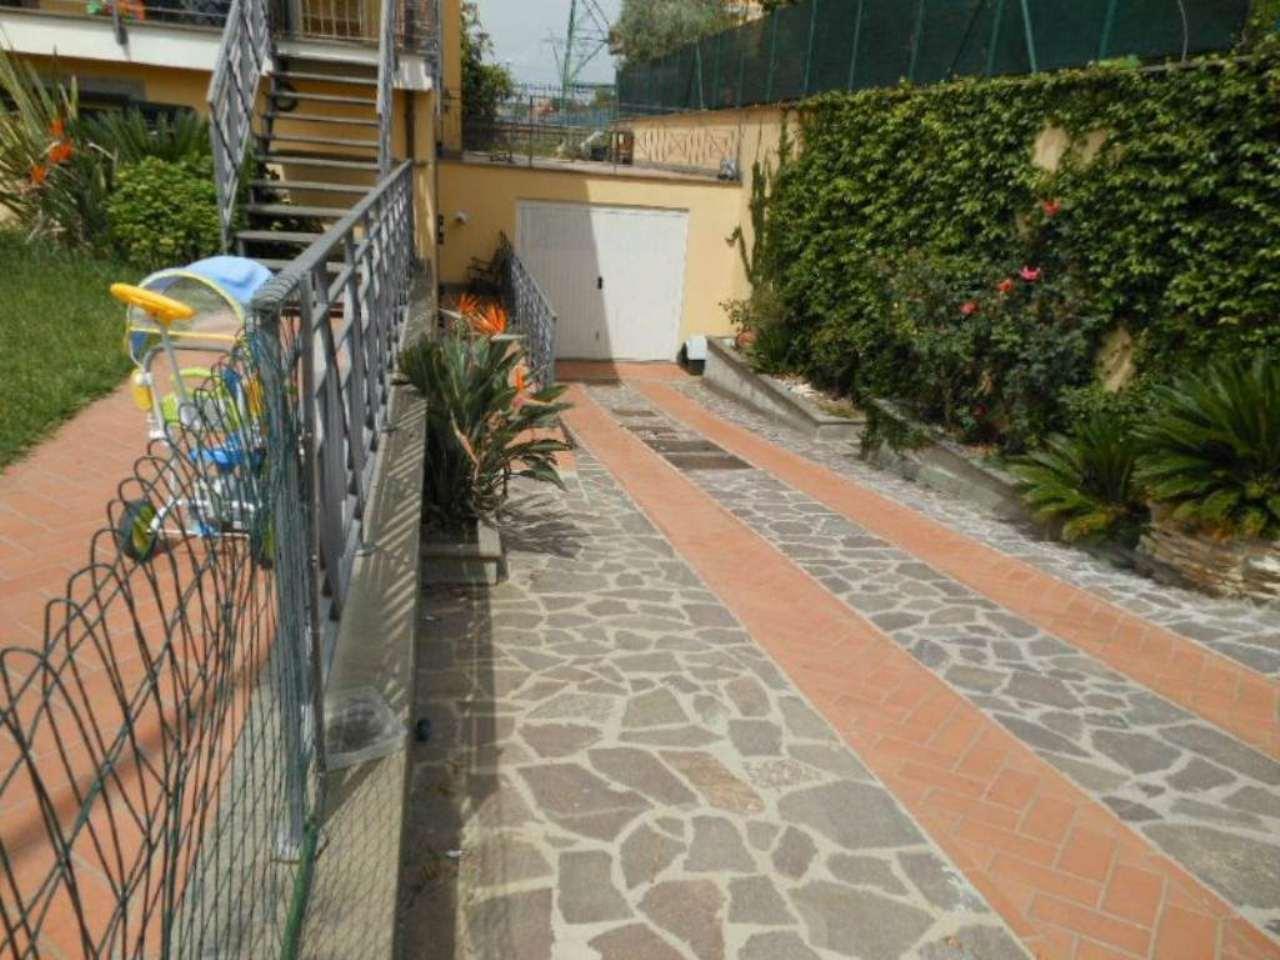 Roma Vendita VILLA A SCHIERA Immagine 2